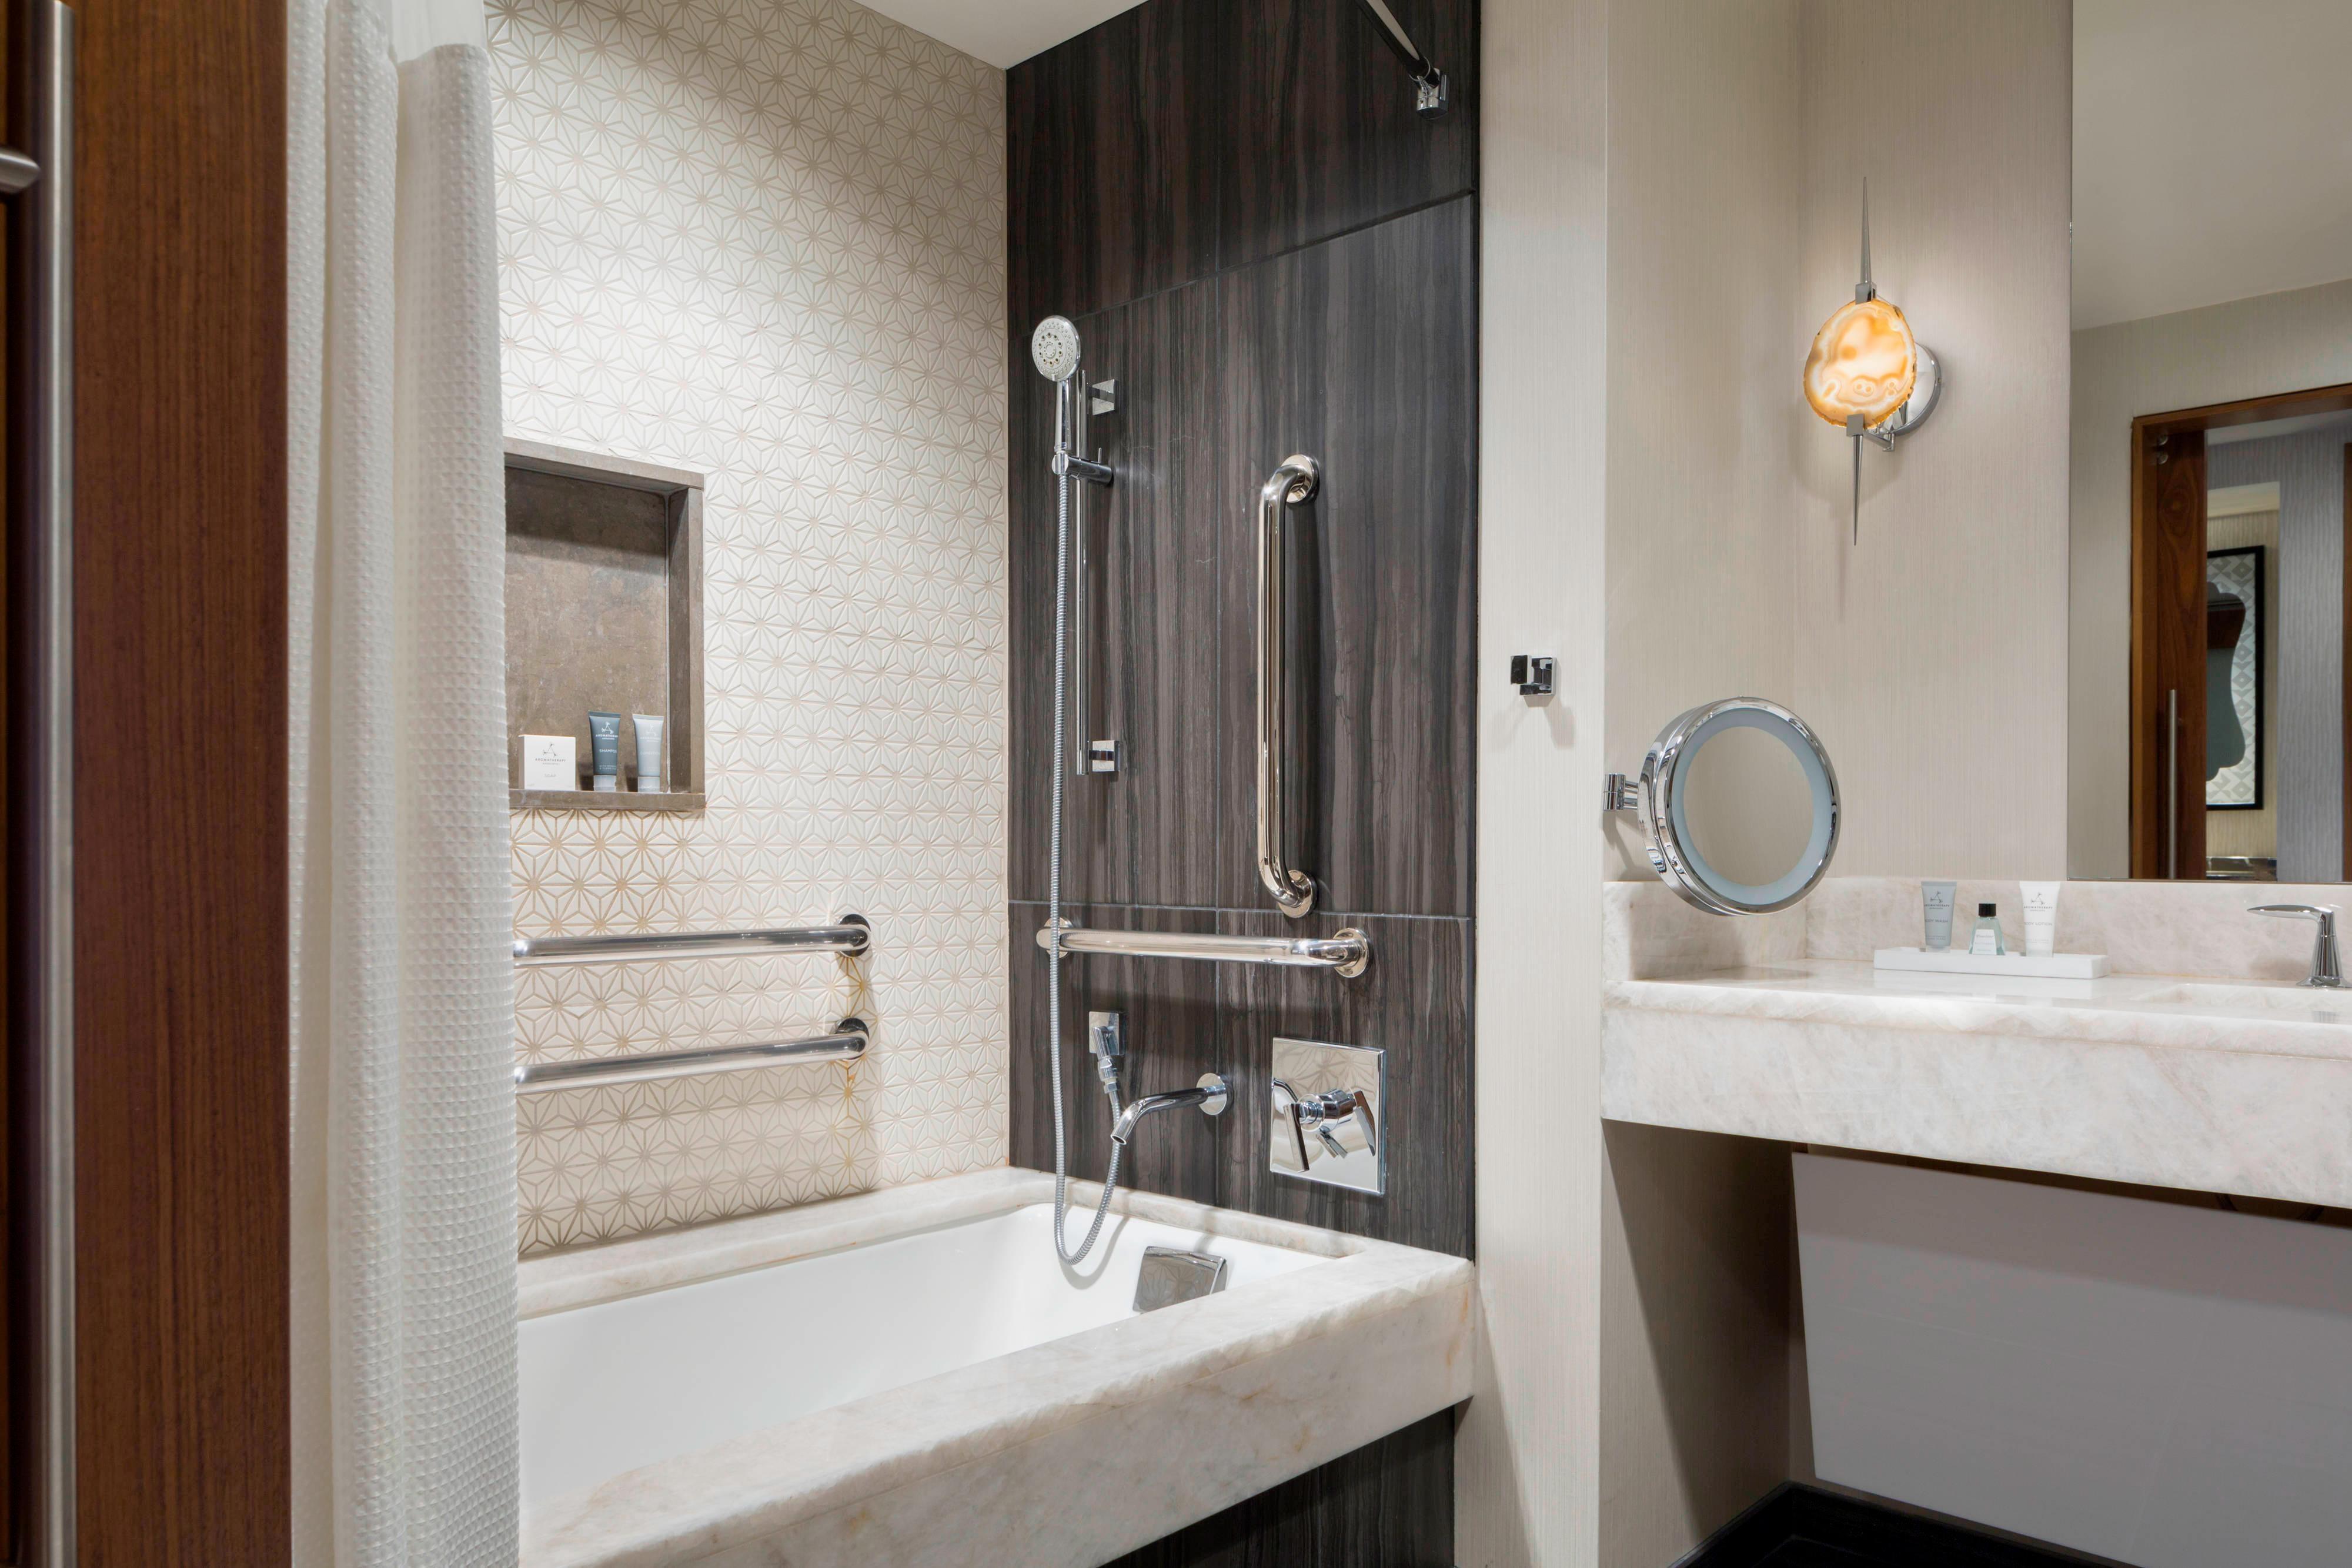 Banheiro acessível para hóspedes com mobilidade reduzida – banheira